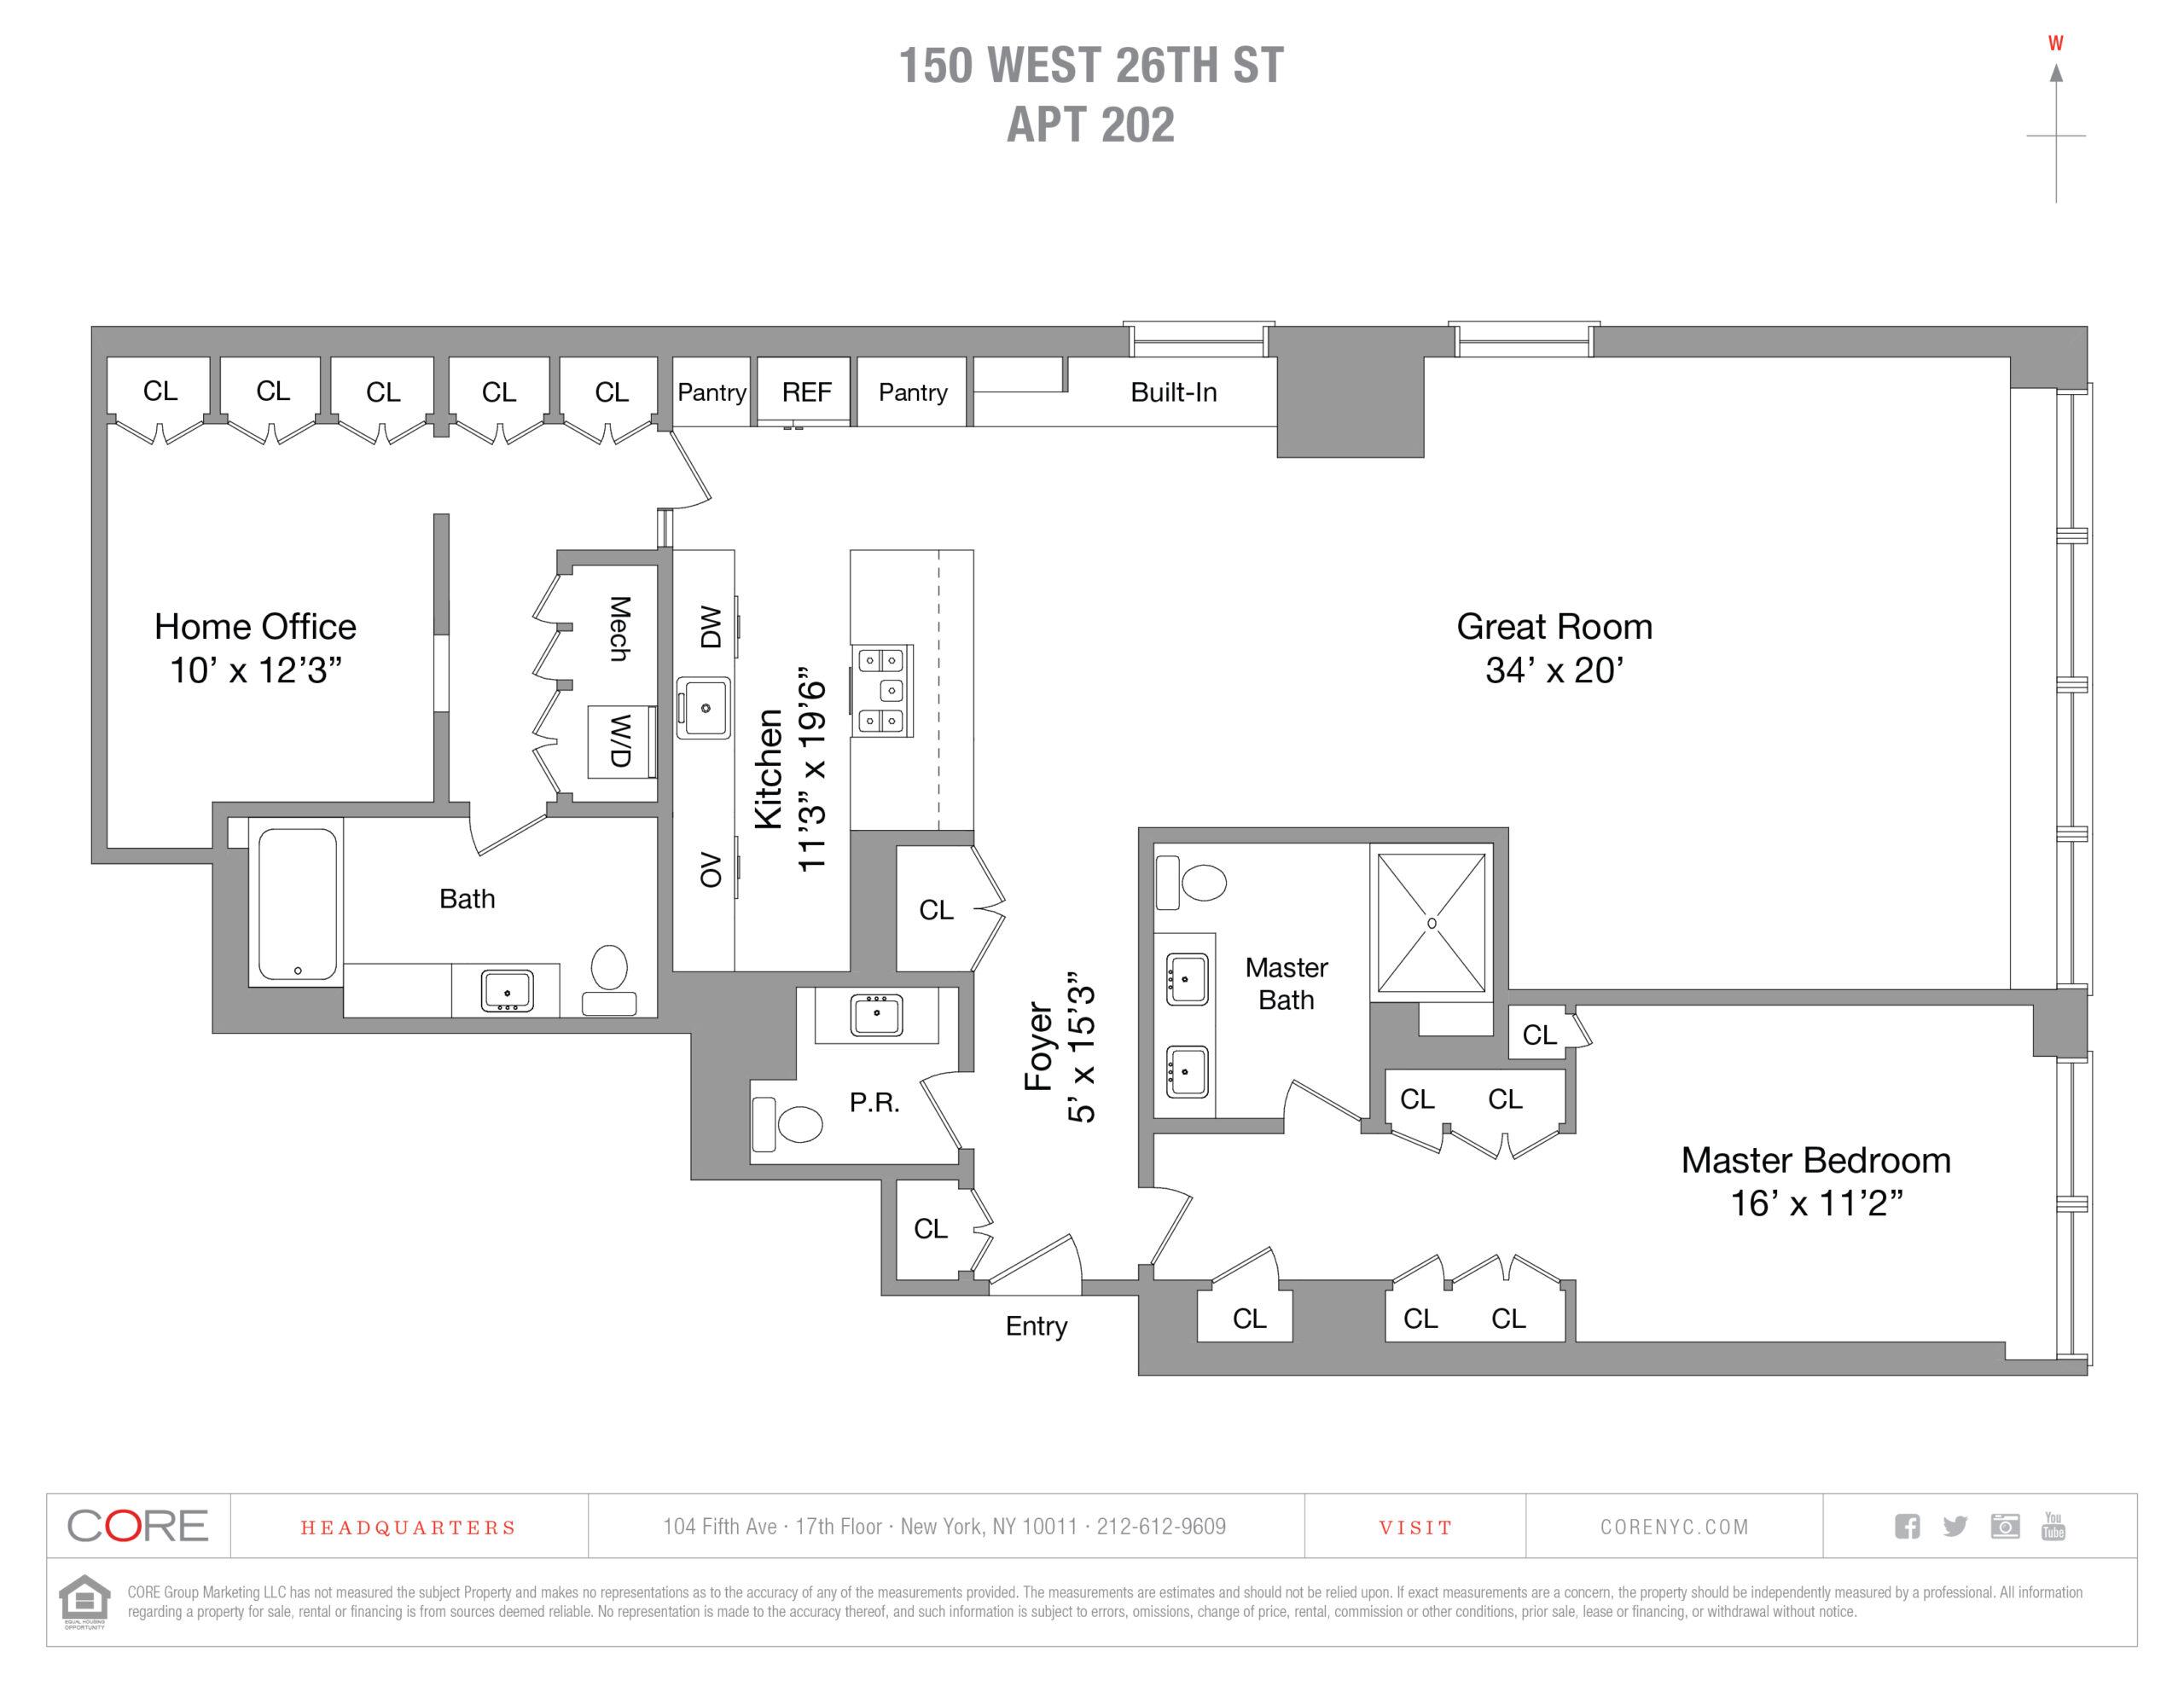 150 West 26th St. 202, New York, NY 10001